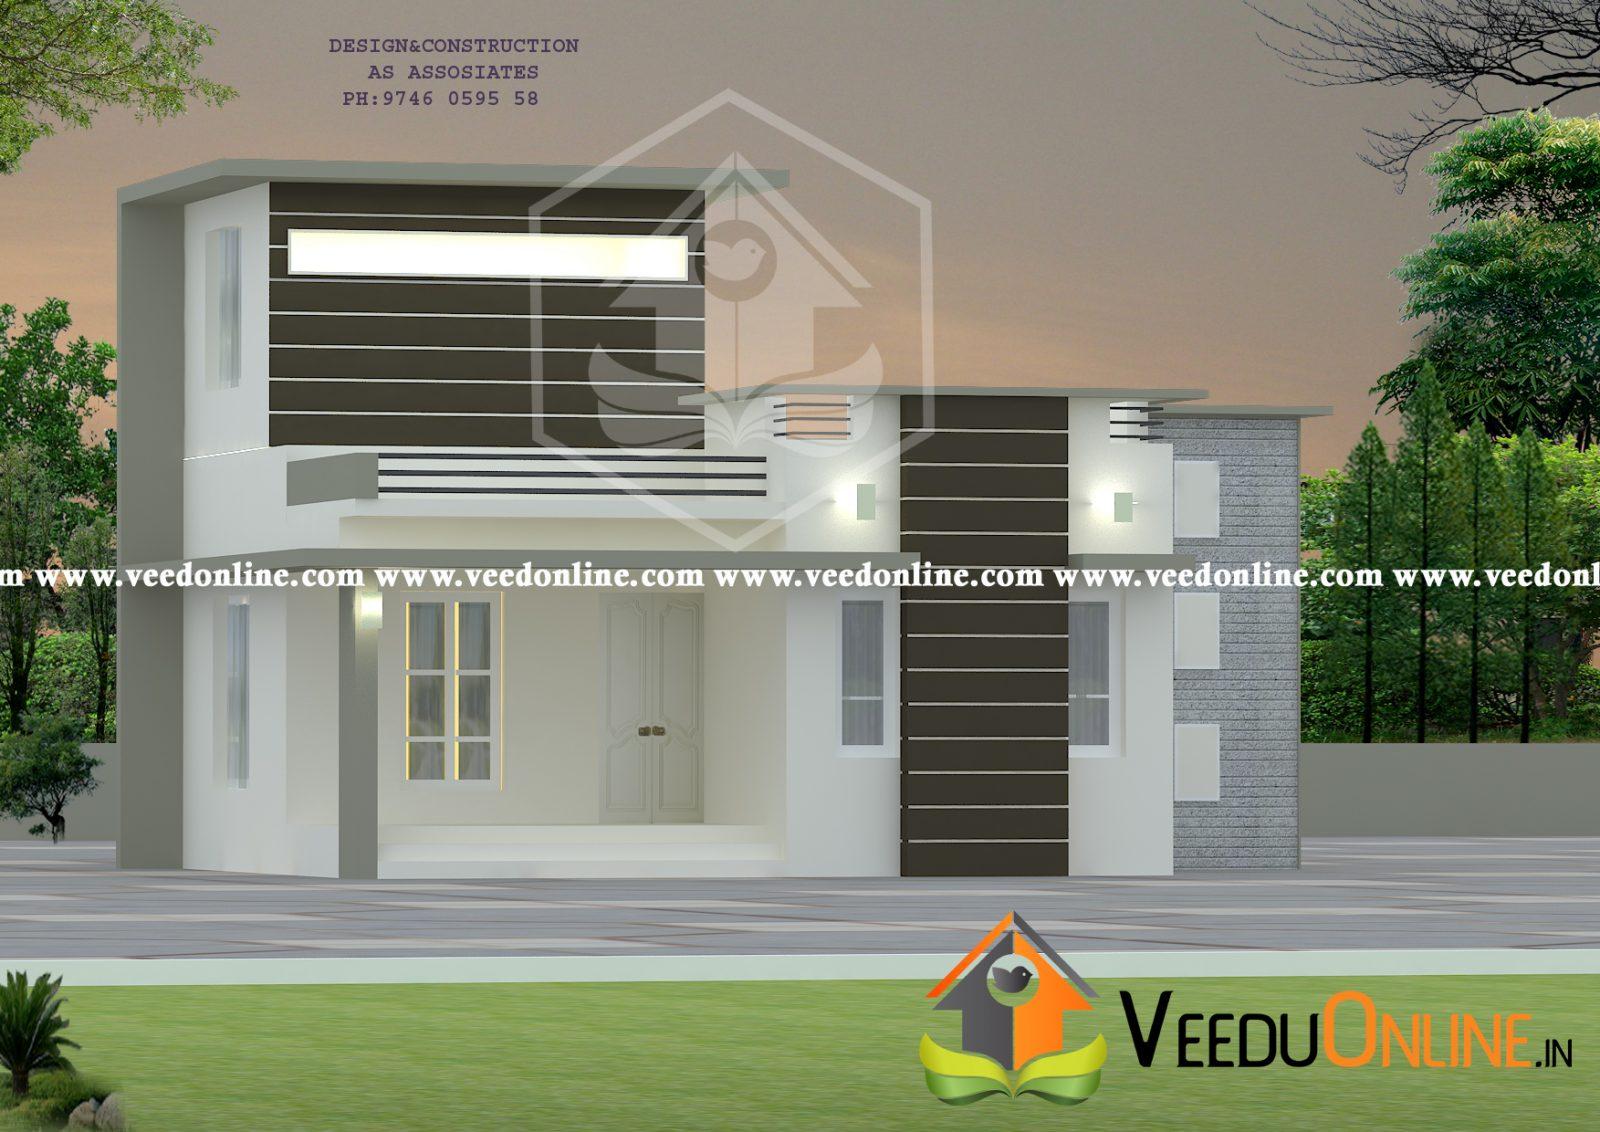 1270 Square Feet Single Floor Contemporary Home Design